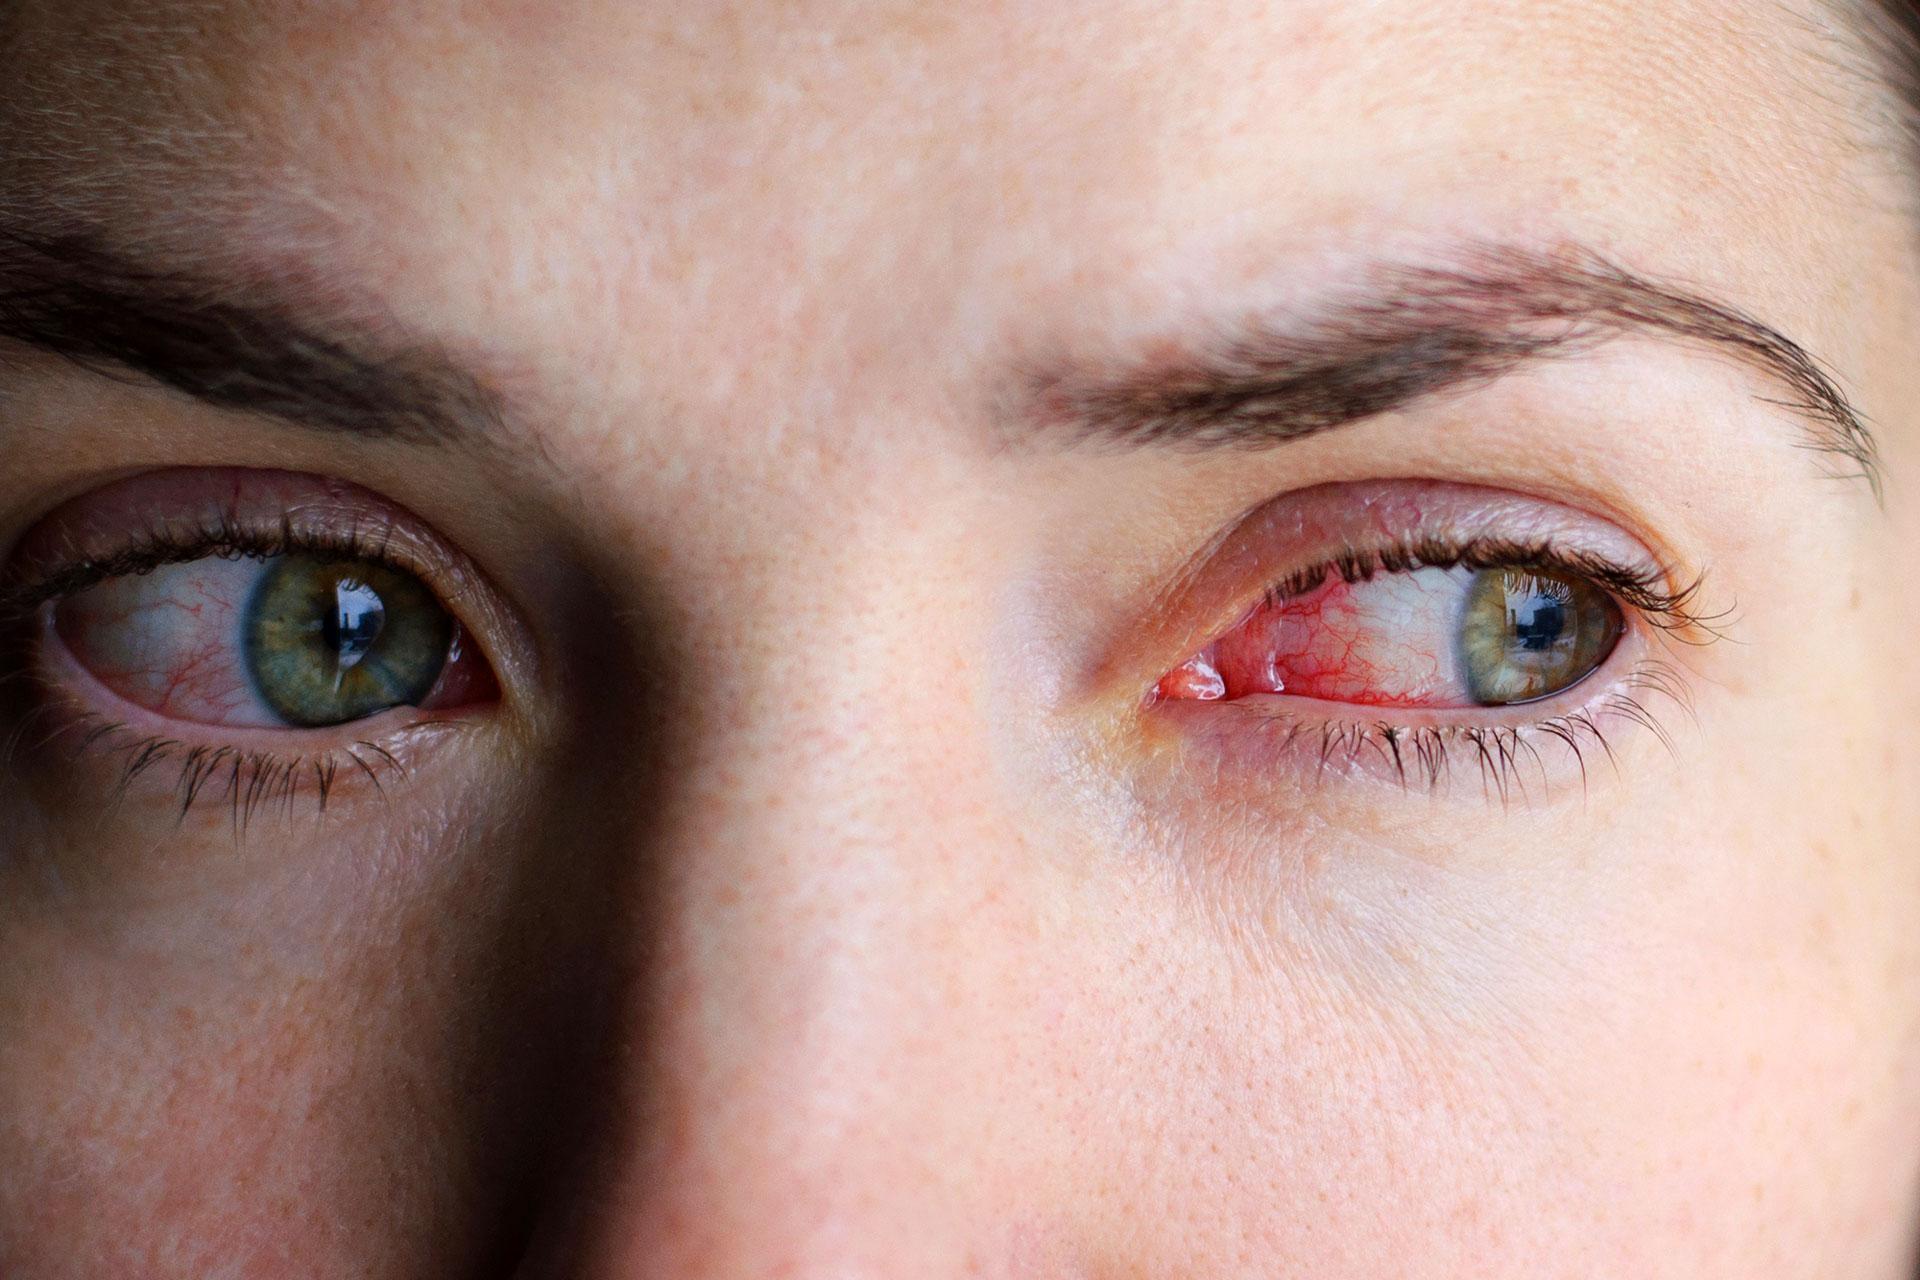 A látás helyreállítása enyhíti a szem fáradtságát és bőrpírját